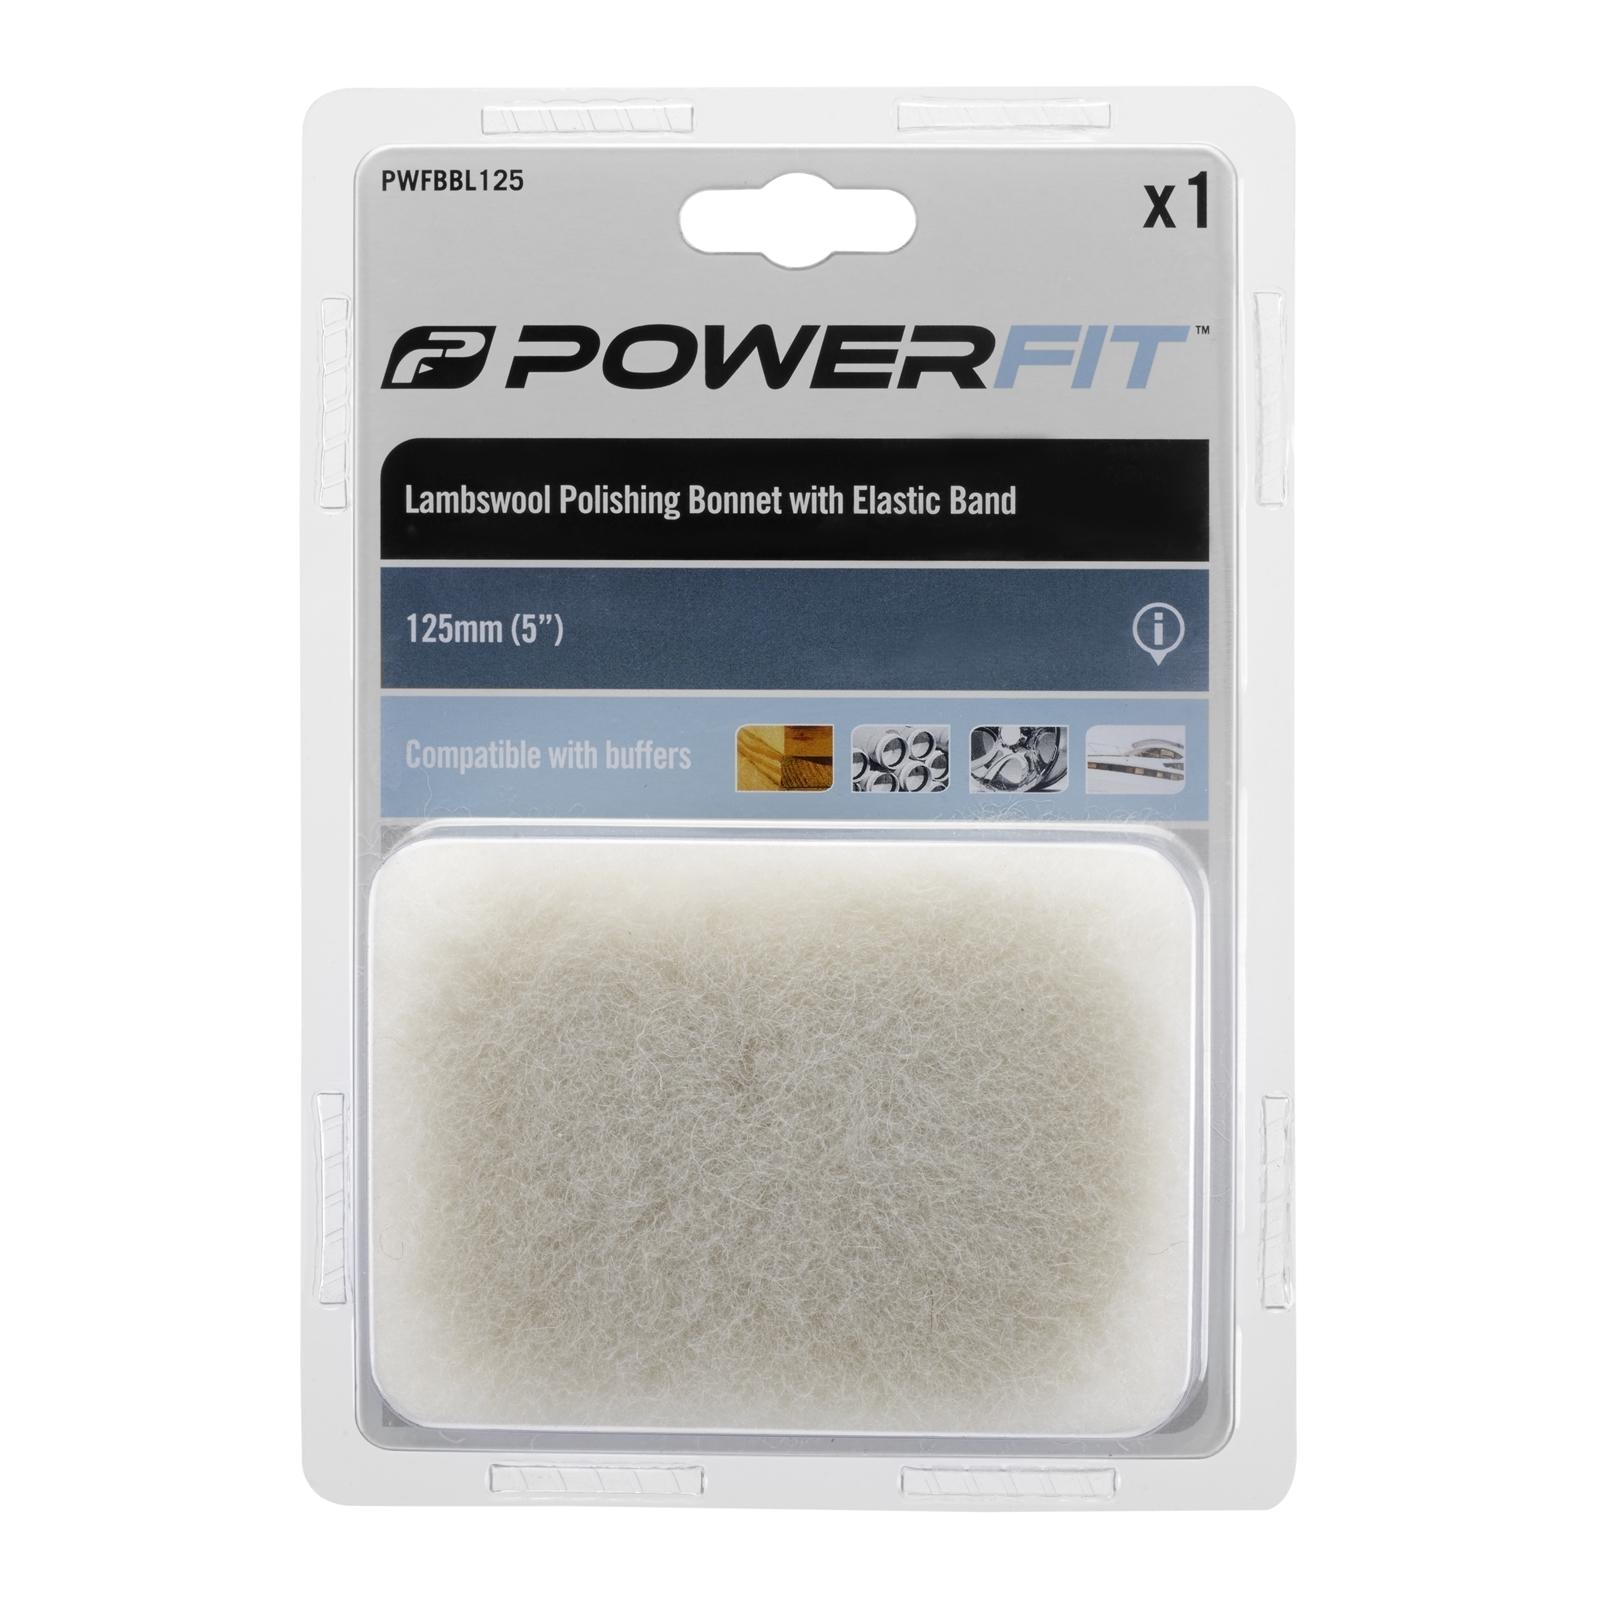 Powerfit Buffing Bonnet 125mm